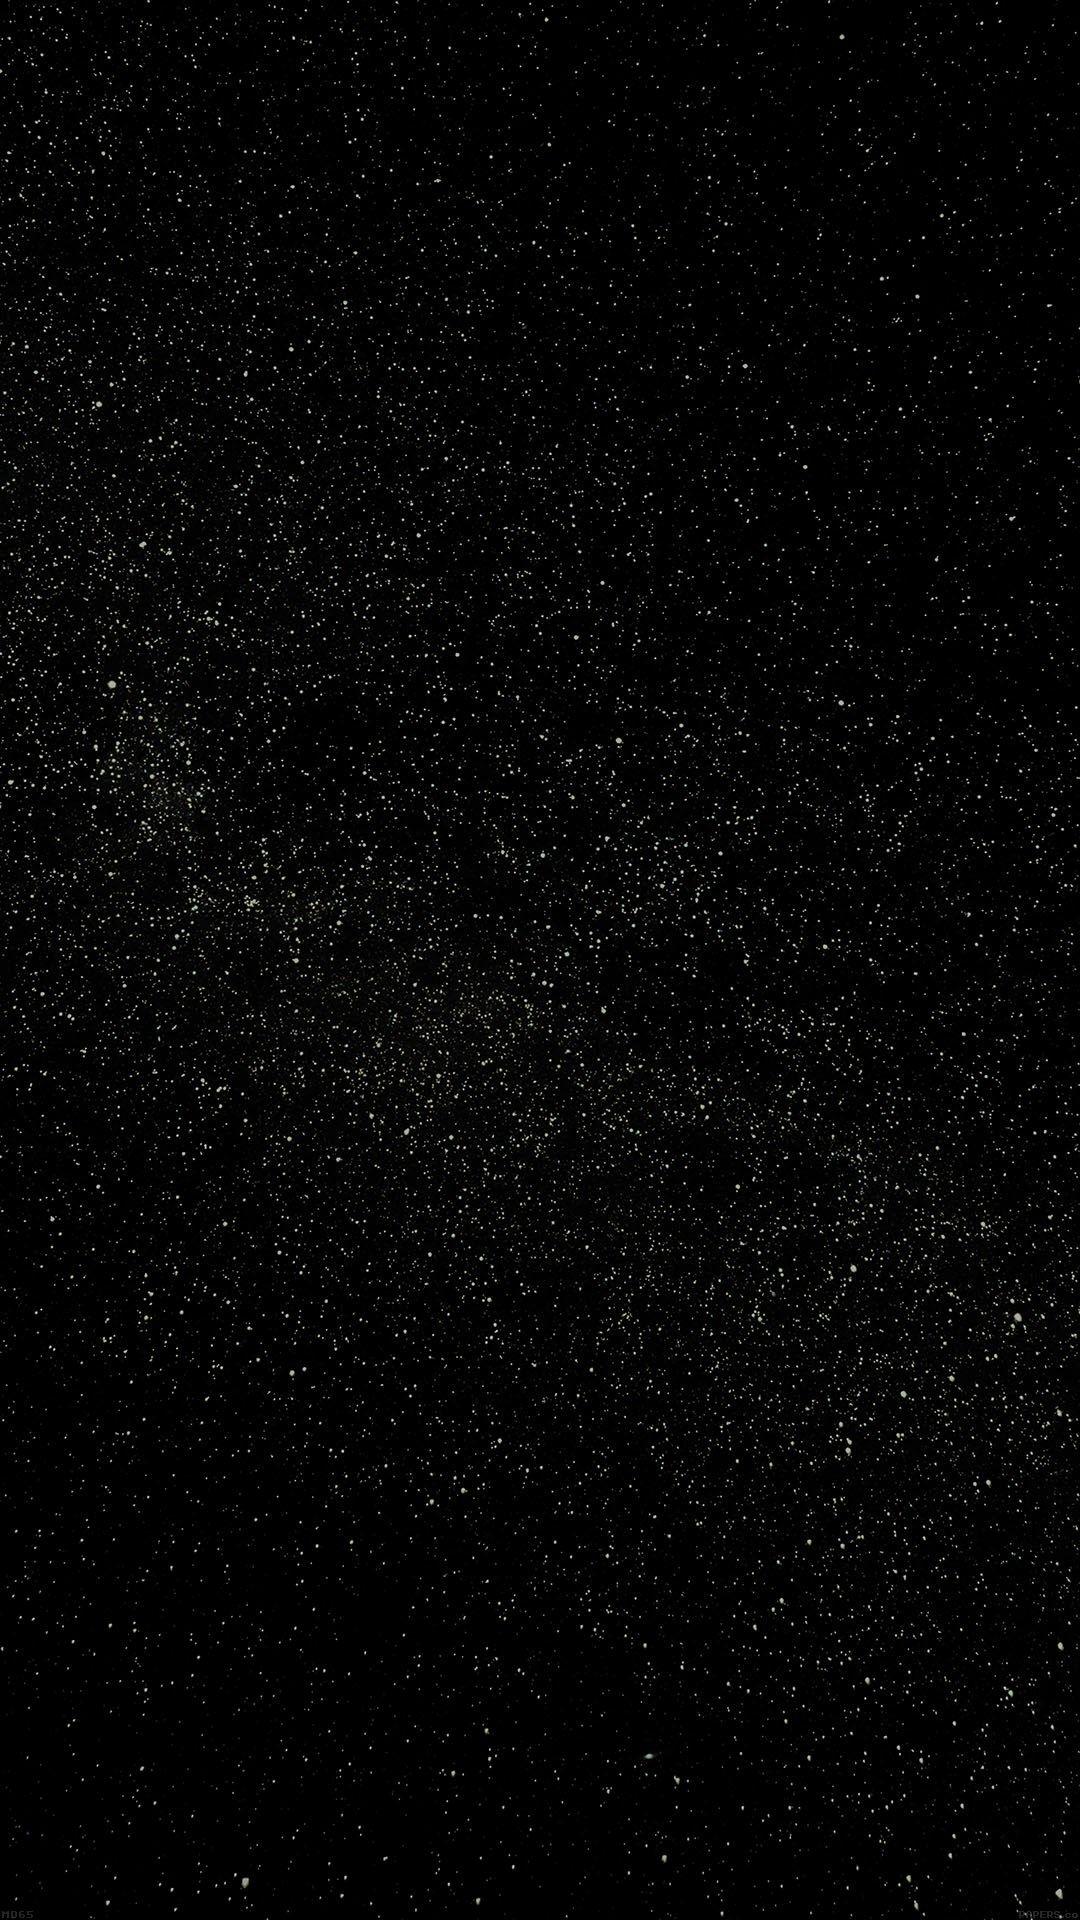 Black Wallpaper Iphone 6 Plus Black Wallpaper Iphone Black Wallpaper Iphone Wallpaper